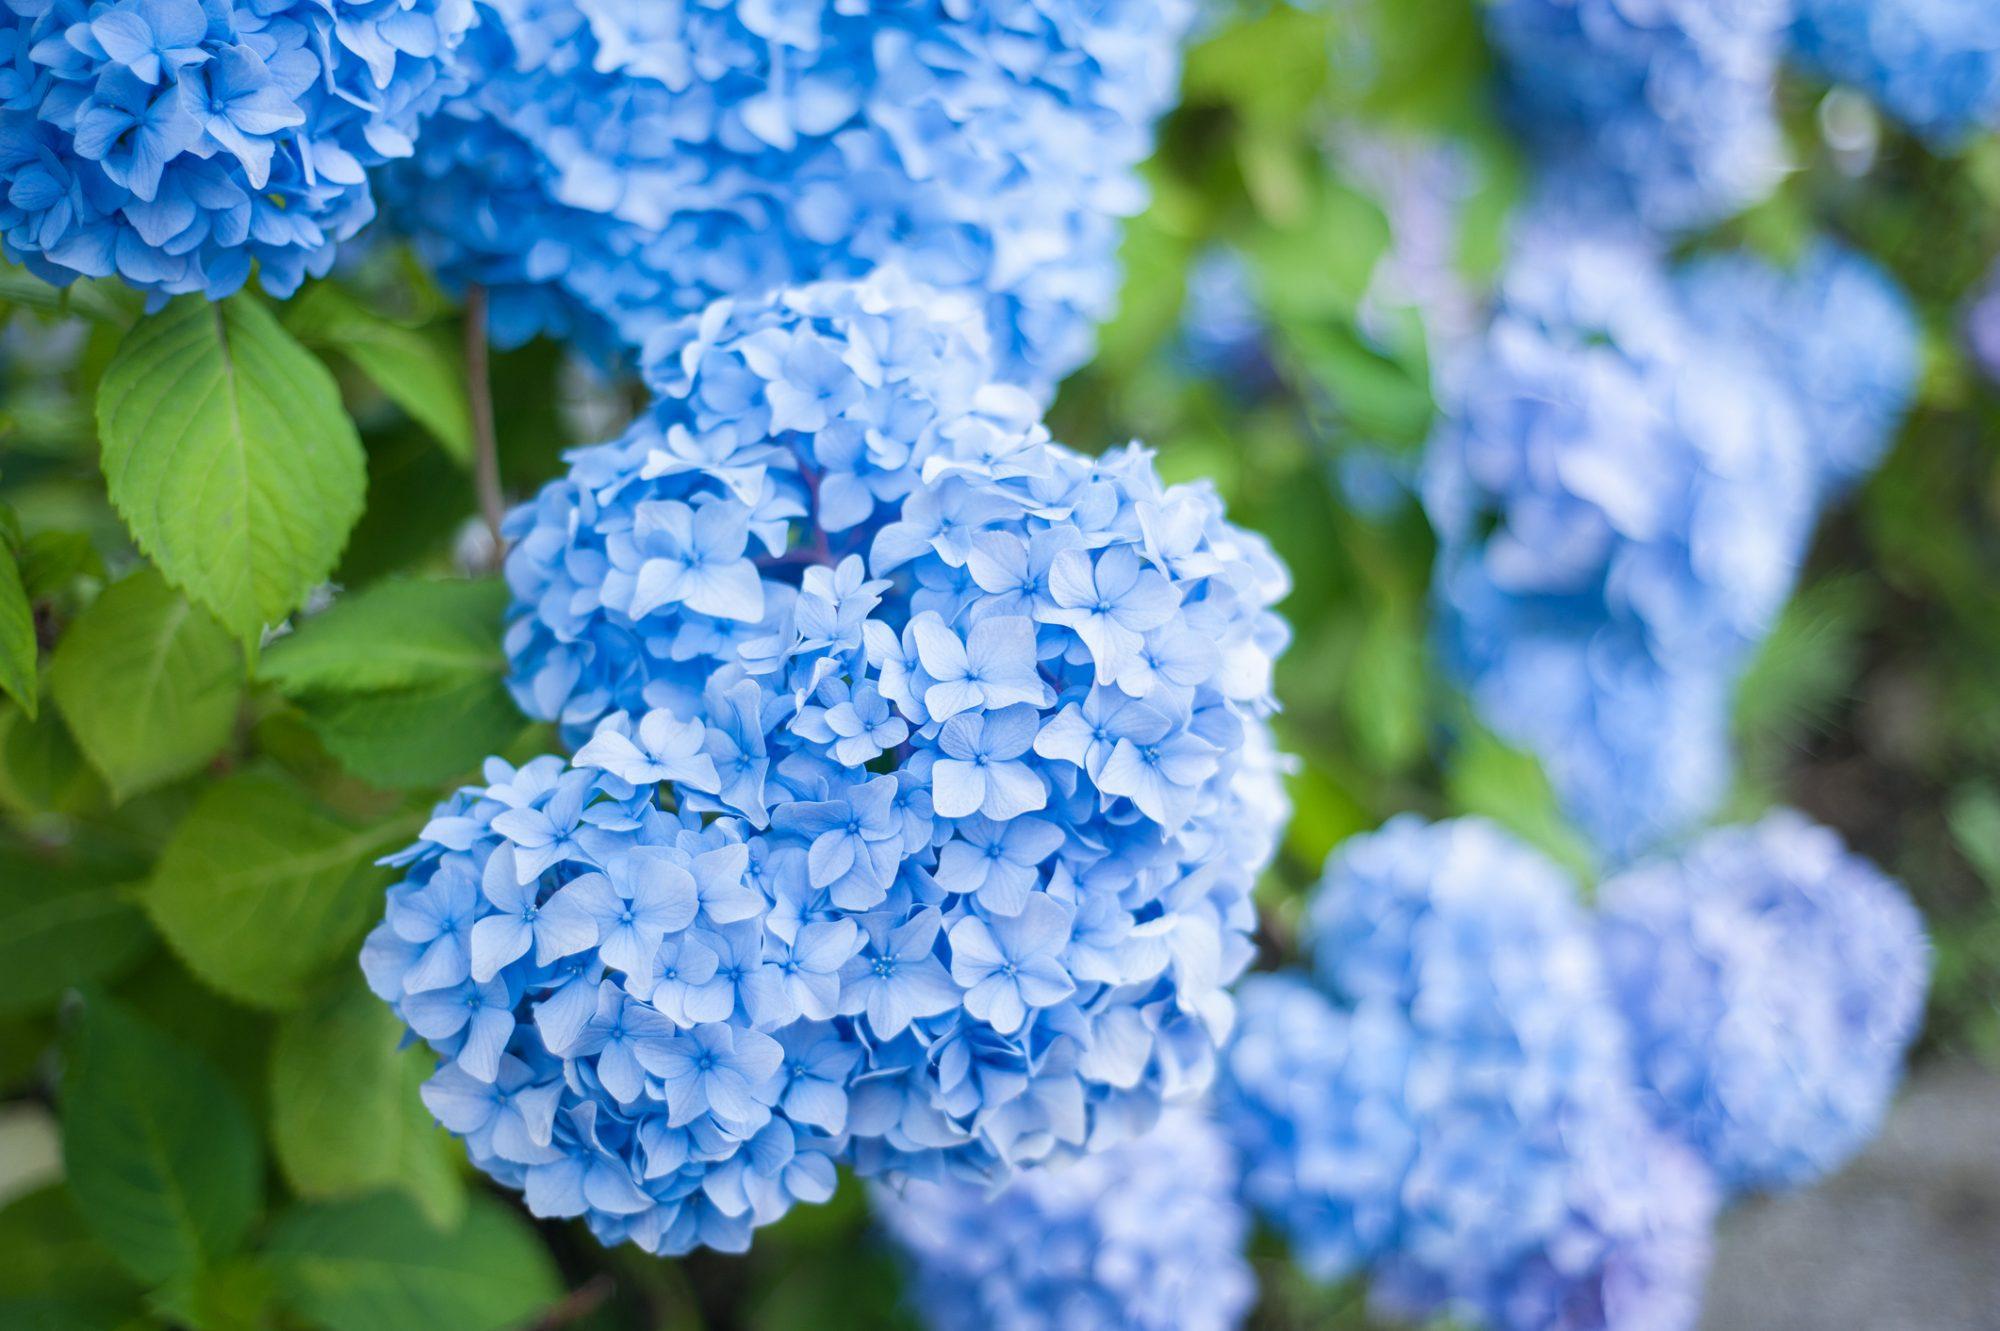 Blue hydrangeas in bloom.